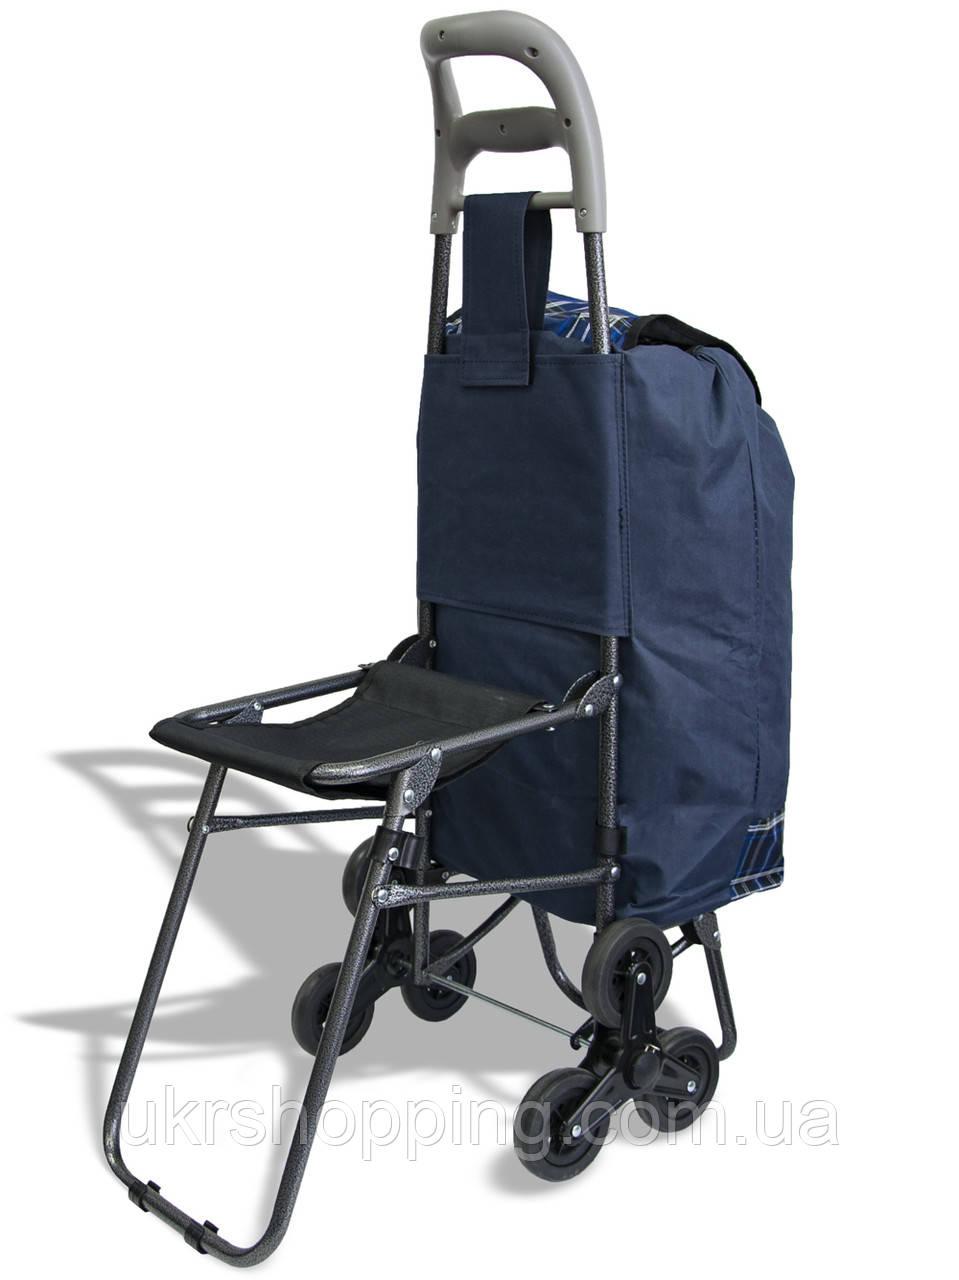 Кравчучка ручная хозяйственная - тележка на колесиках, для продуктов, Цвет №26 тачка на трех колесах (SH)